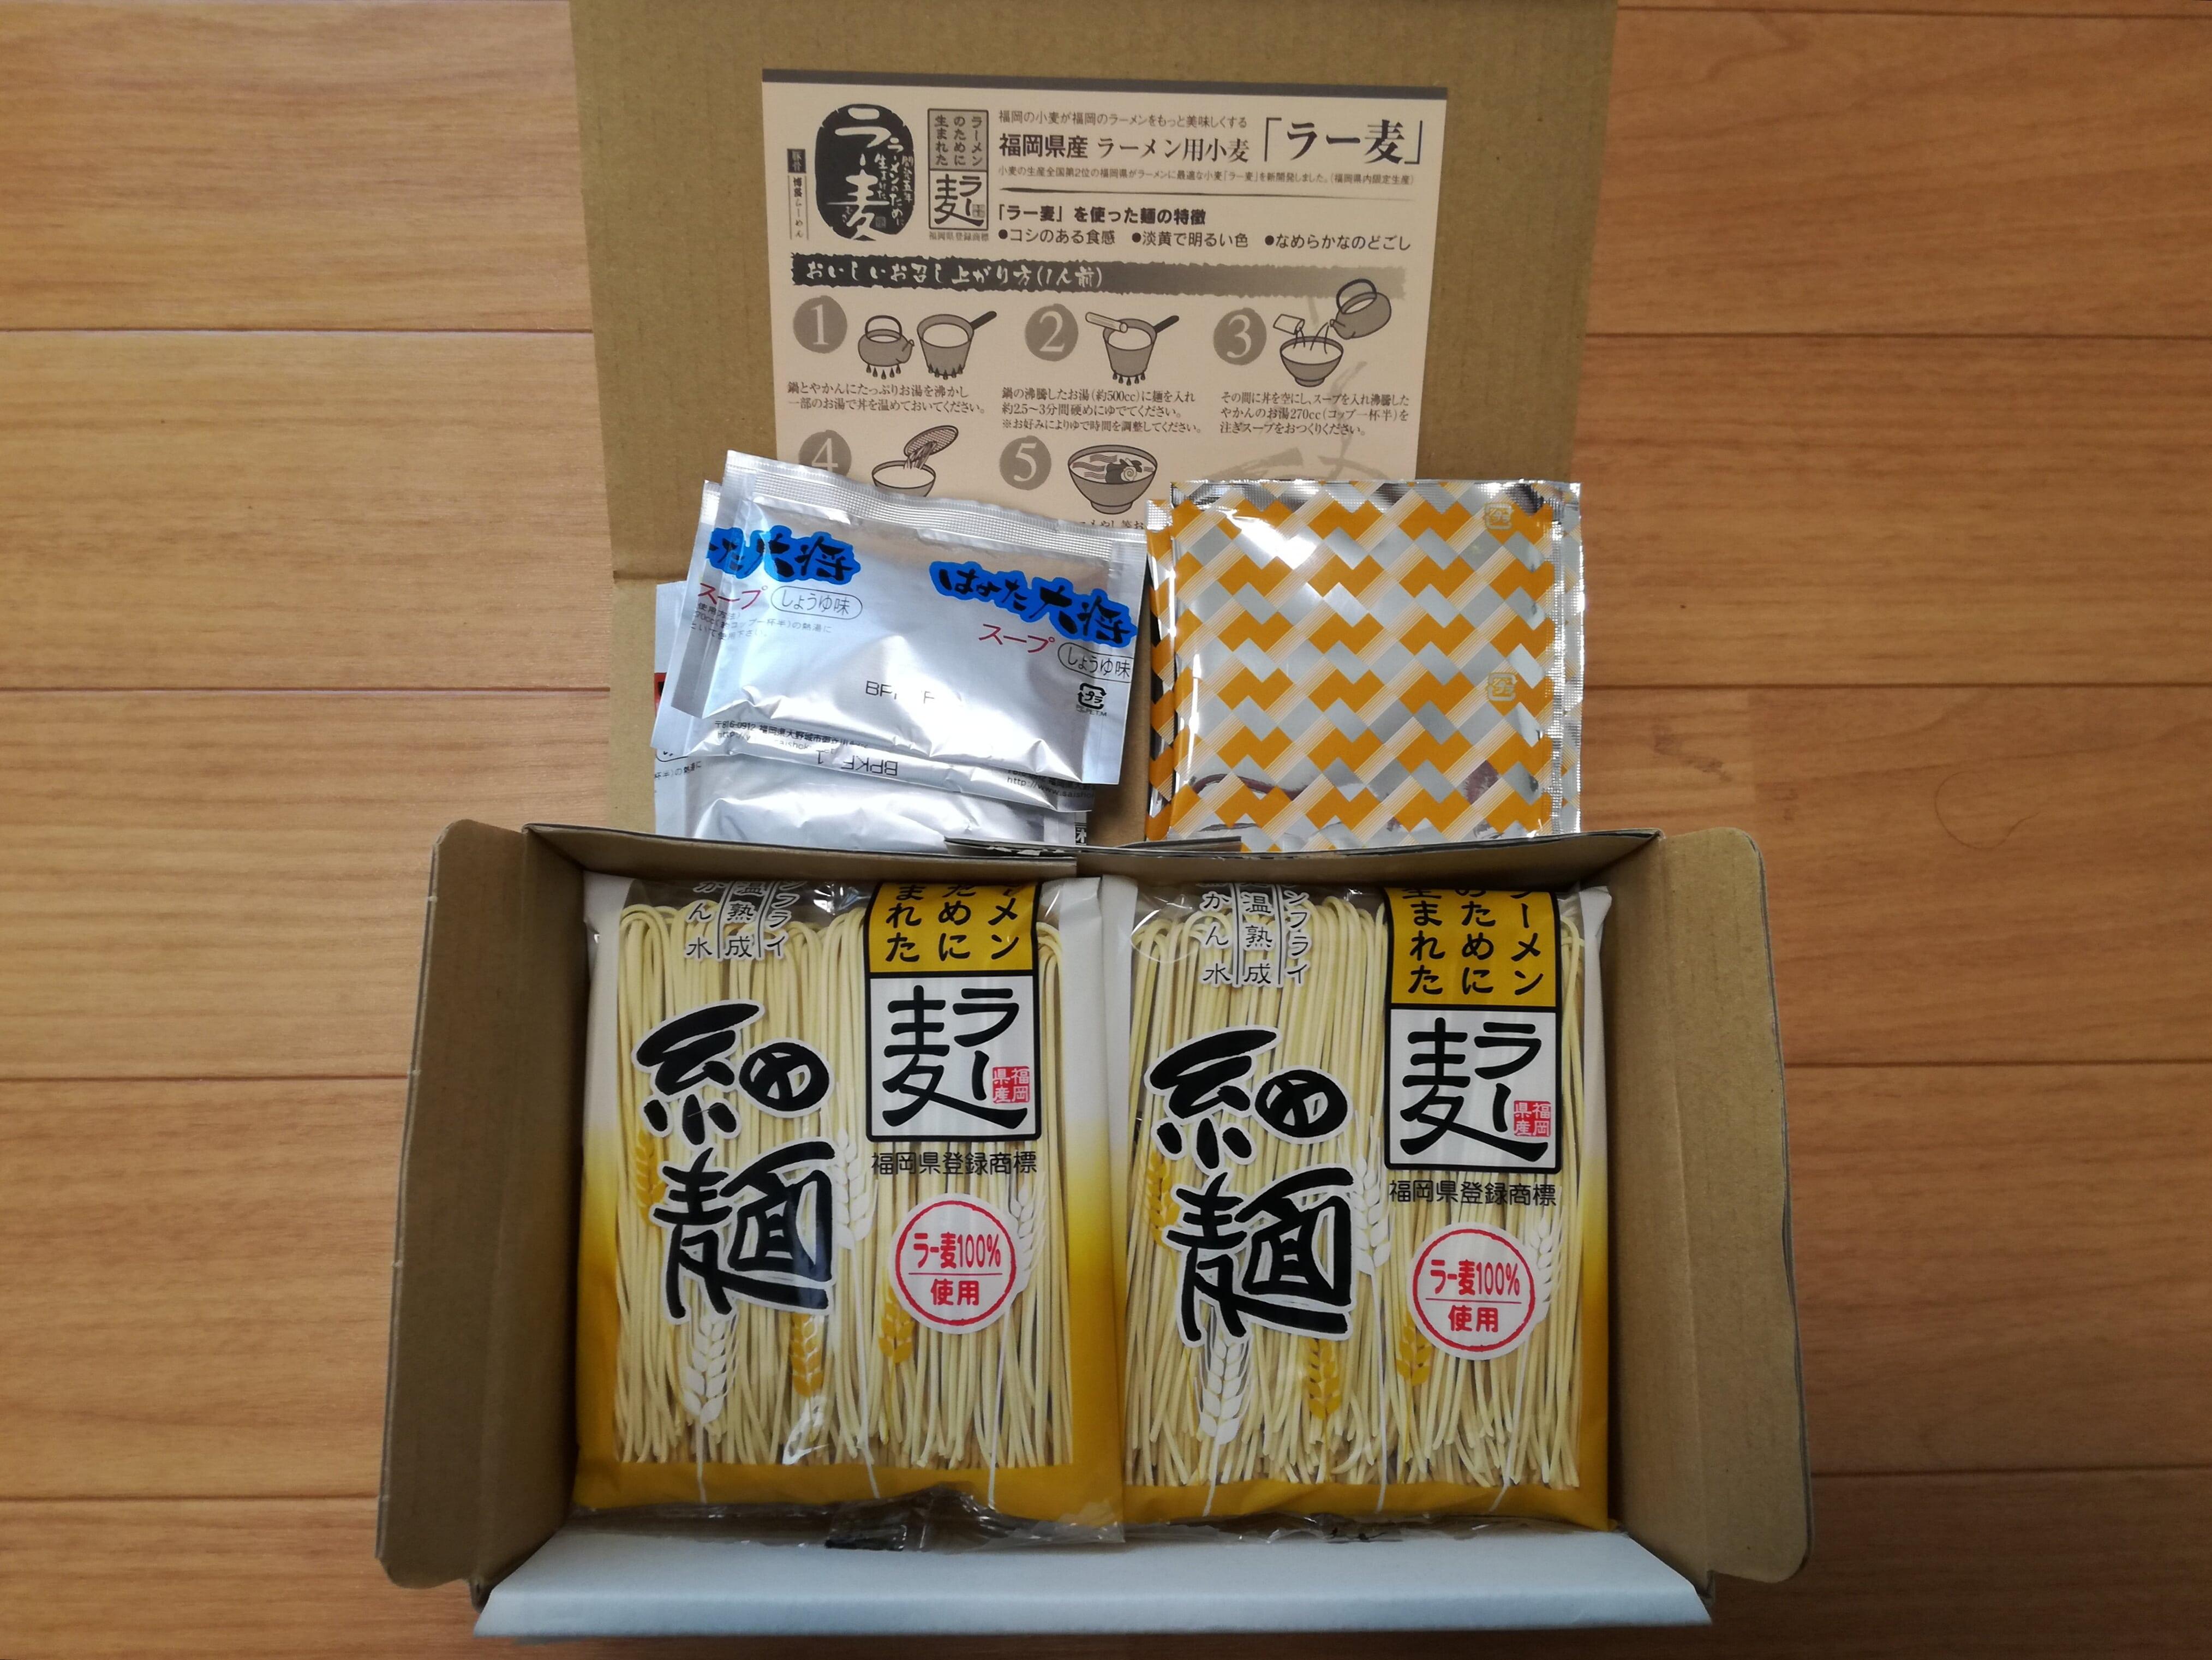 はせがわ(8230)の株主優待カタログギフトで選んだ「博多ラーメン味三撰」が到着!